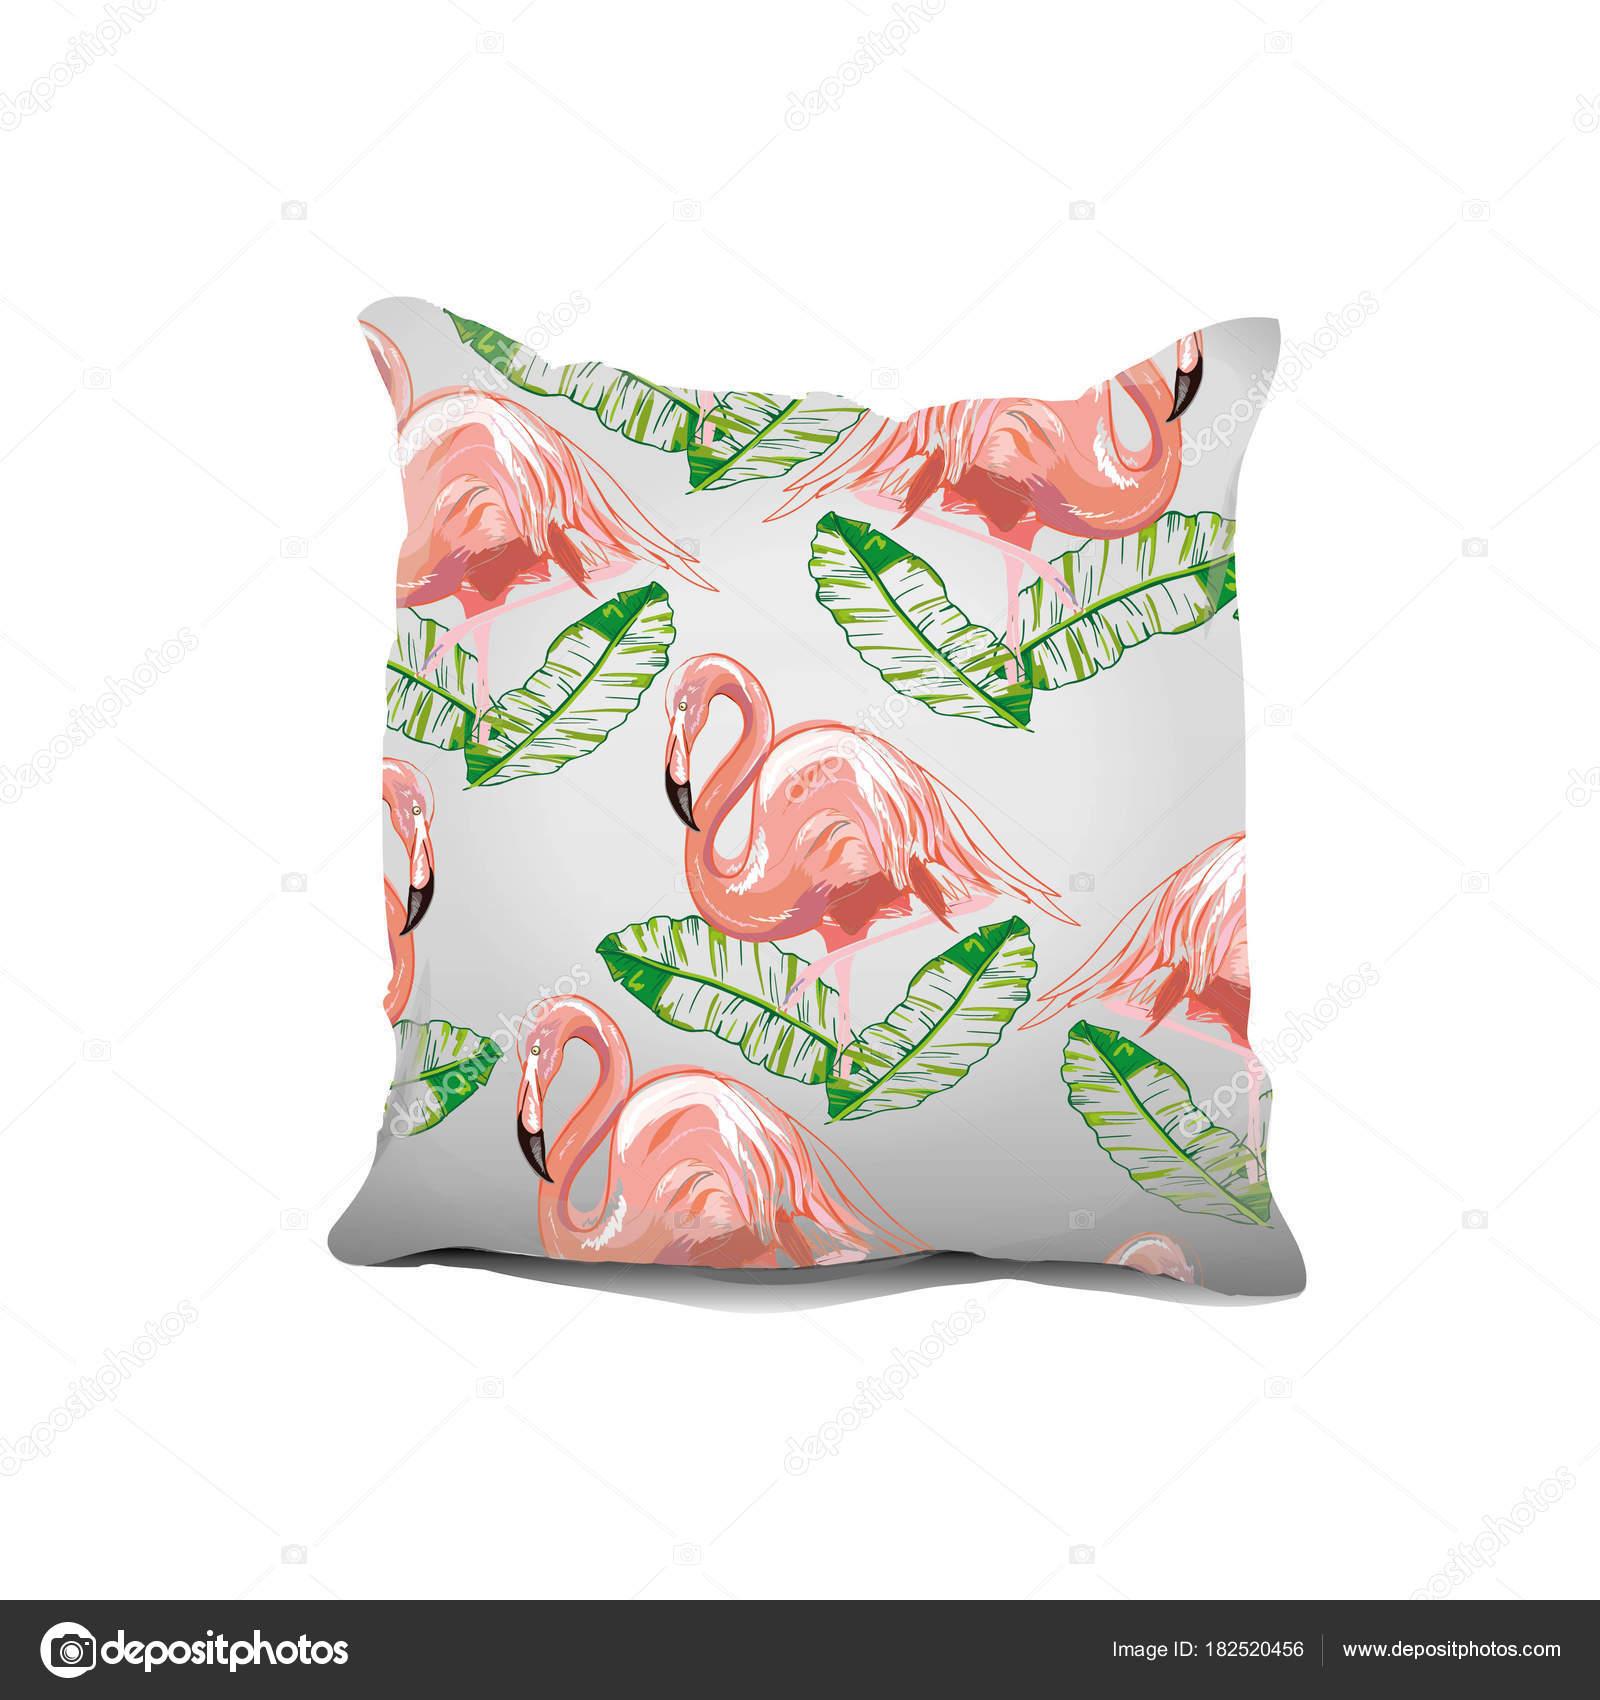 Élément de design d'intérieur : oreiller décoratif avec motifs on